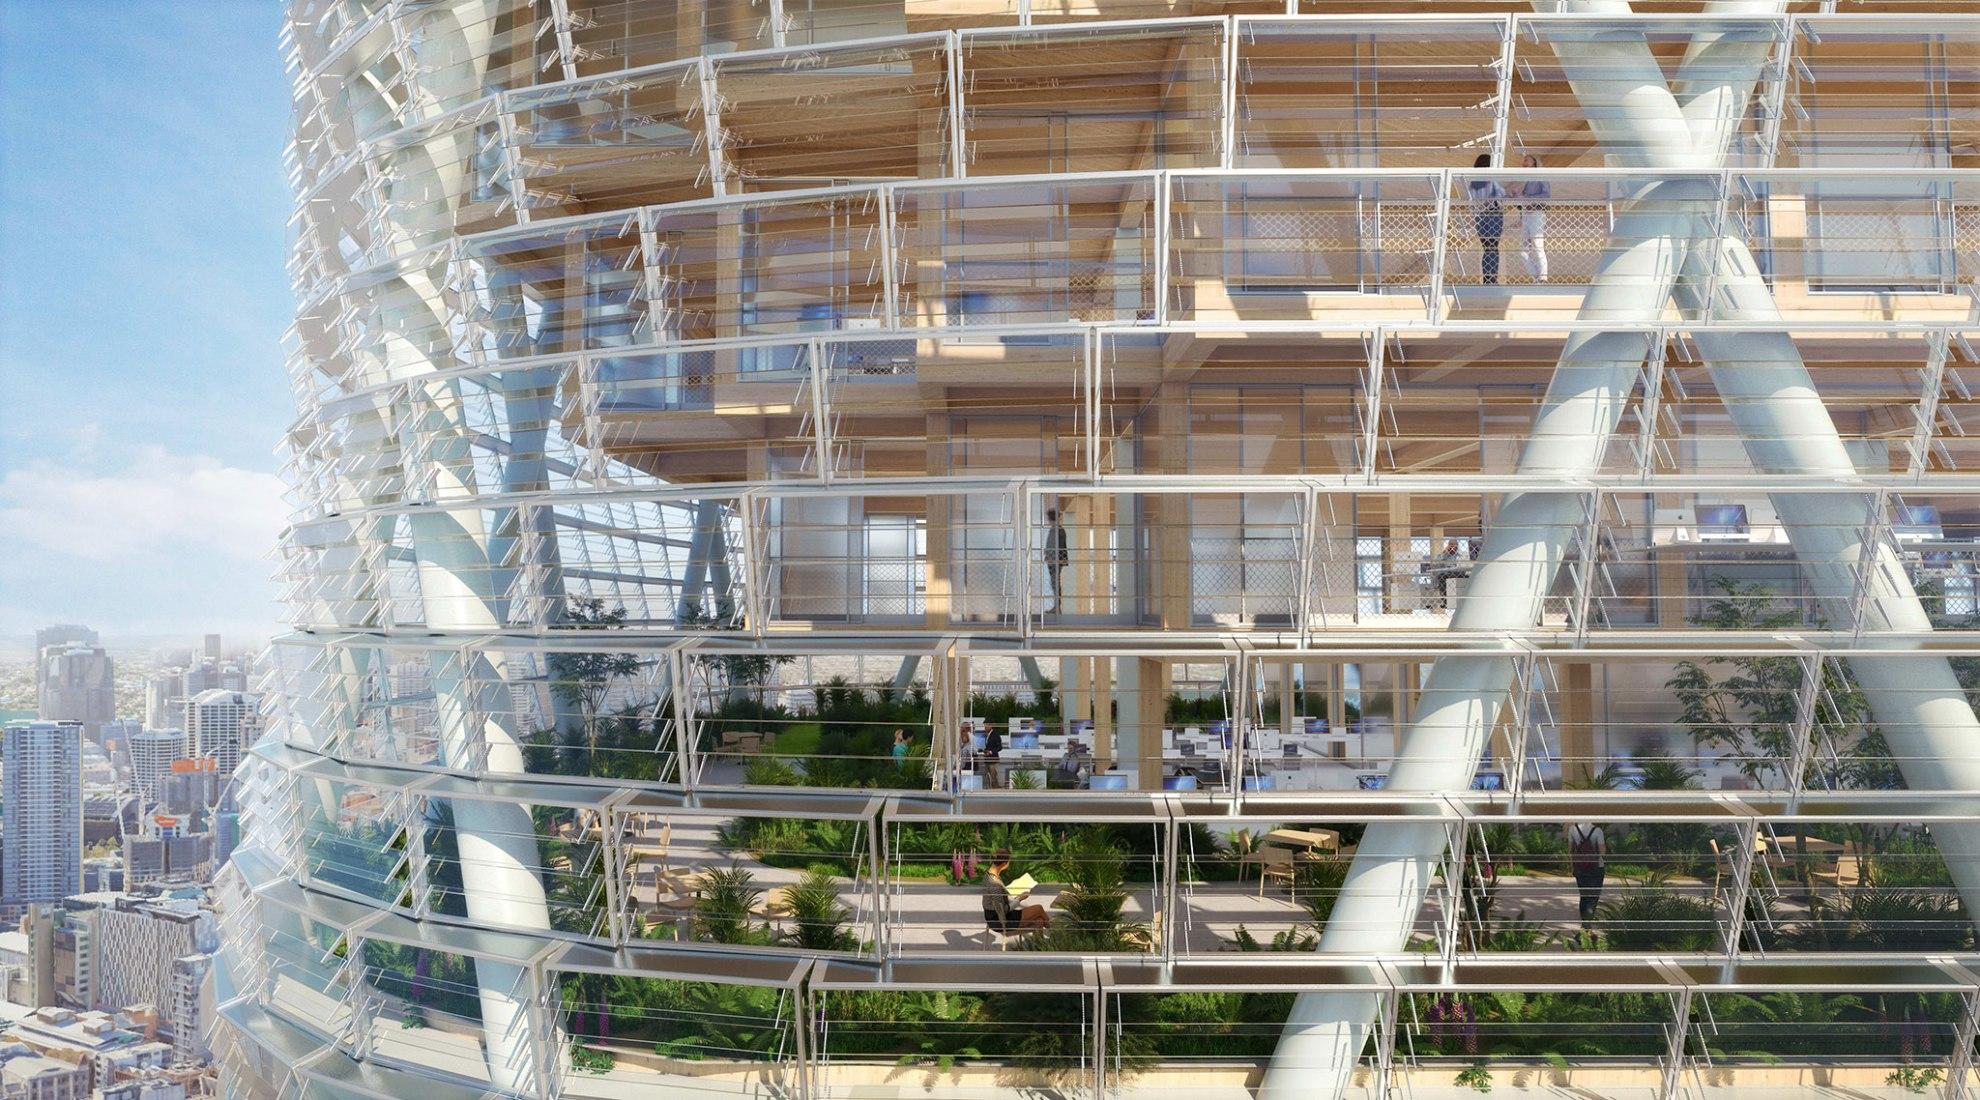 El edificio está soportado por un exoesqueleto de acero. Visualización por SHoP / BVN Architects. Imagen cortesía de Atlassian.